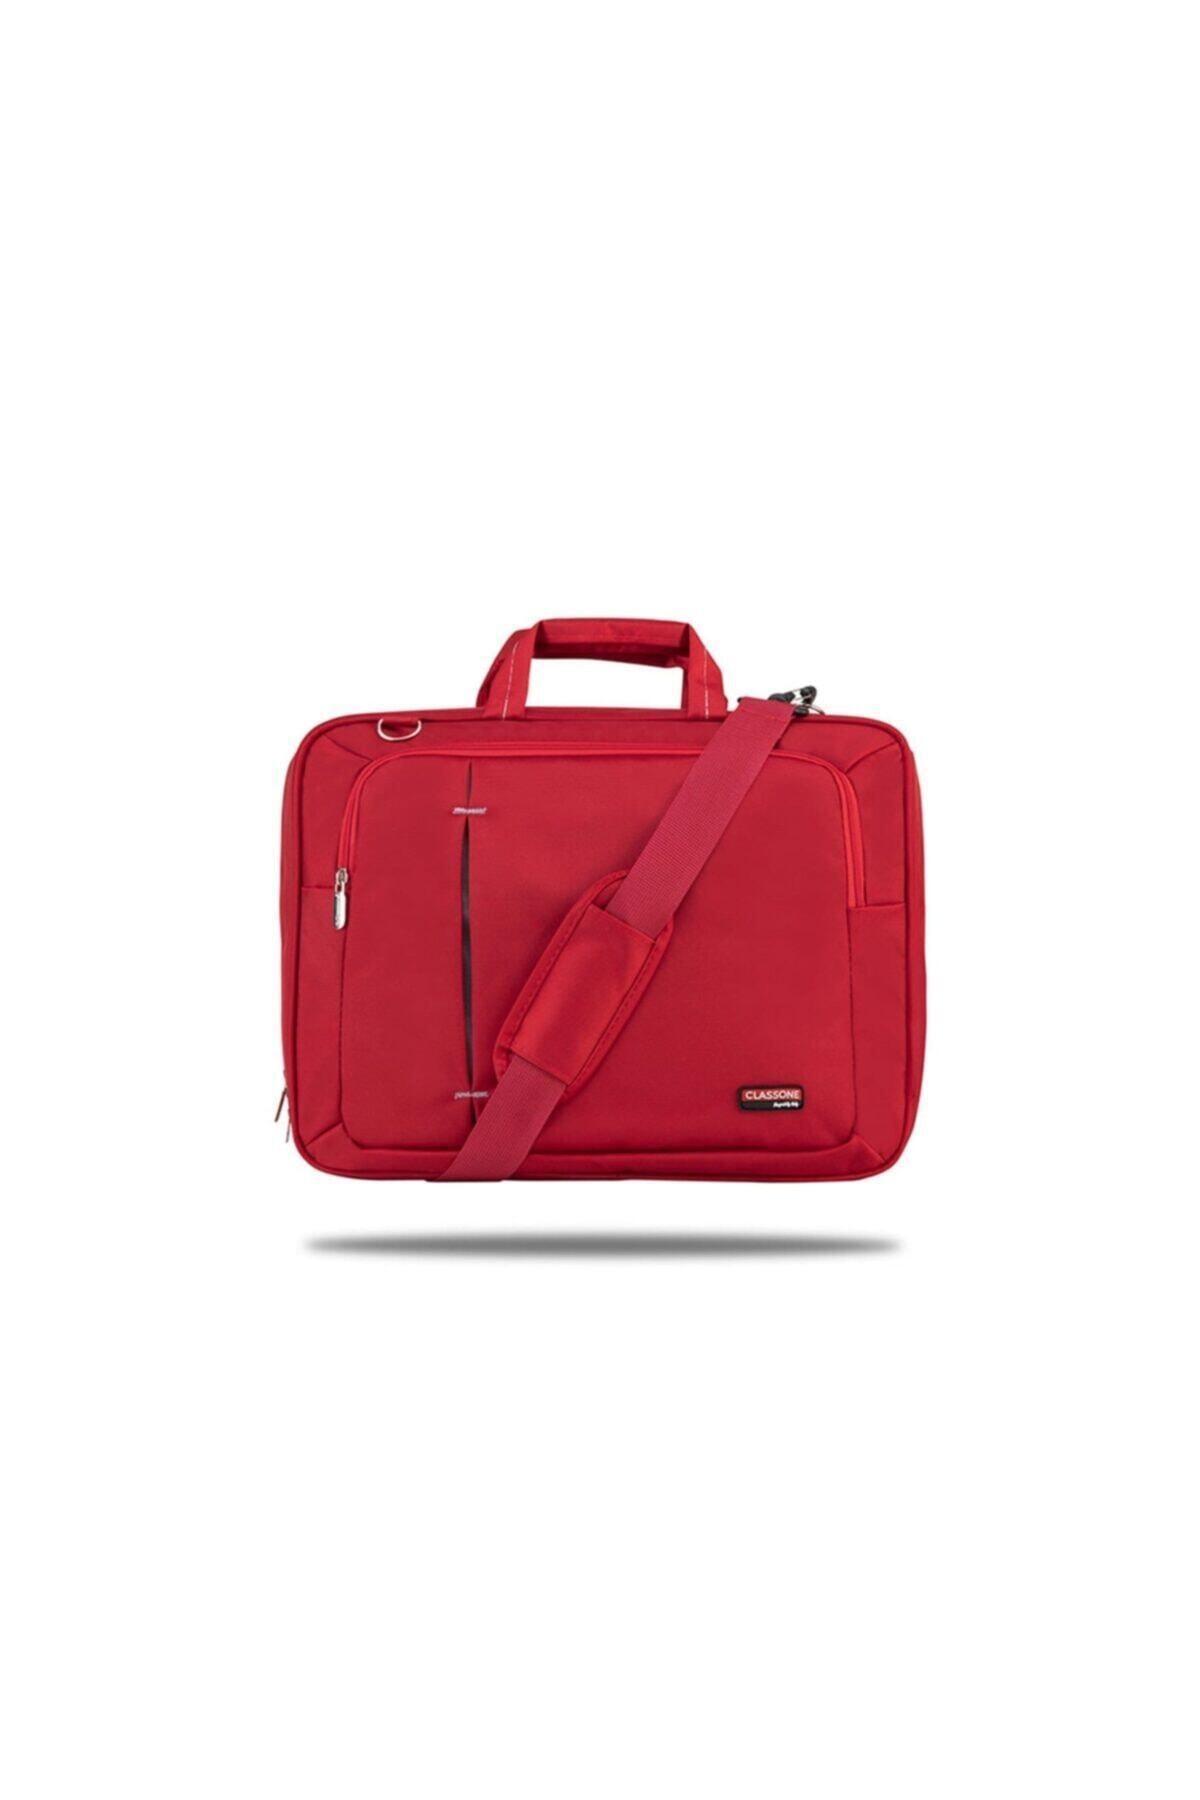 Classone Kırmızı Ul162 15,6 Inç Uyumlu Laptop Notebook El Çantası 1